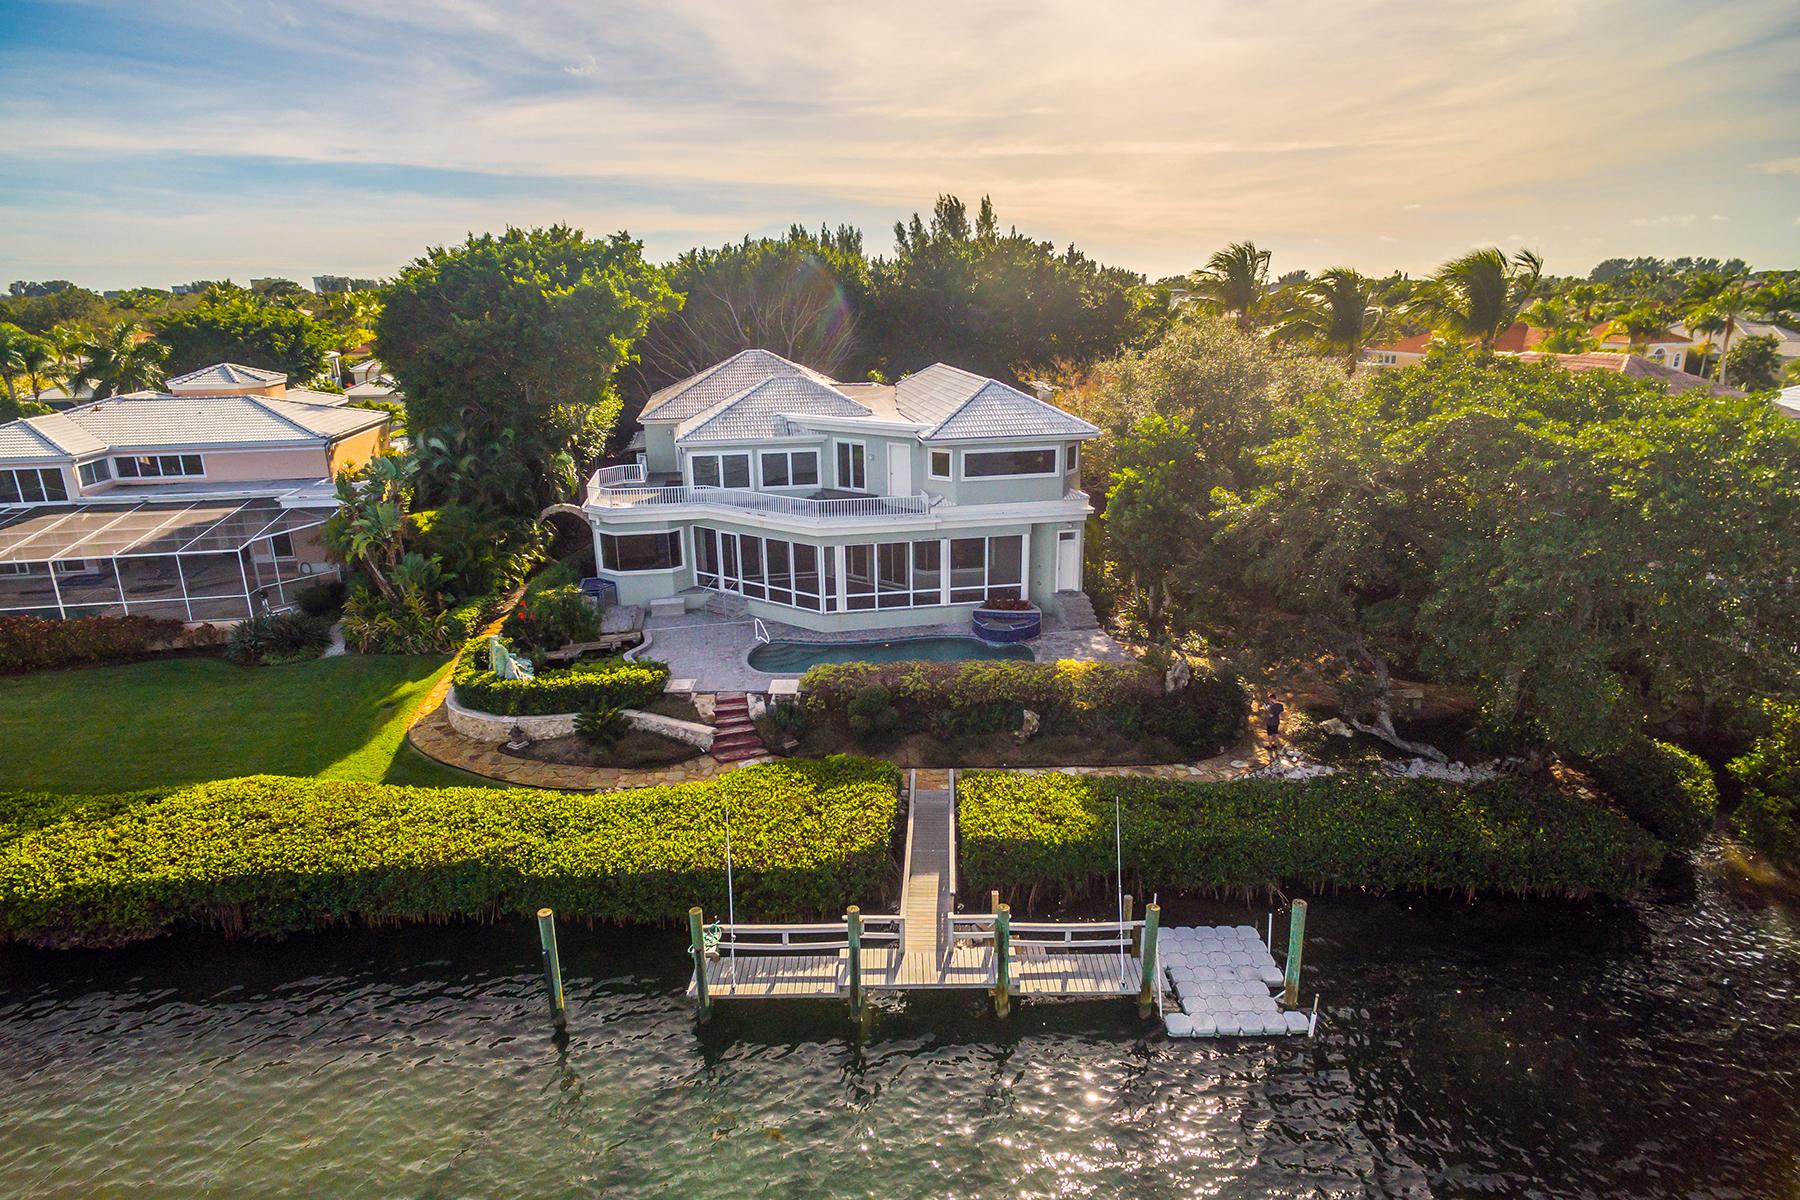 Einfamilienhaus für Verkauf beim COREYS LANDING 3590 Mistletoe Ln Longboat Key, Florida, 34228 Vereinigte Staaten